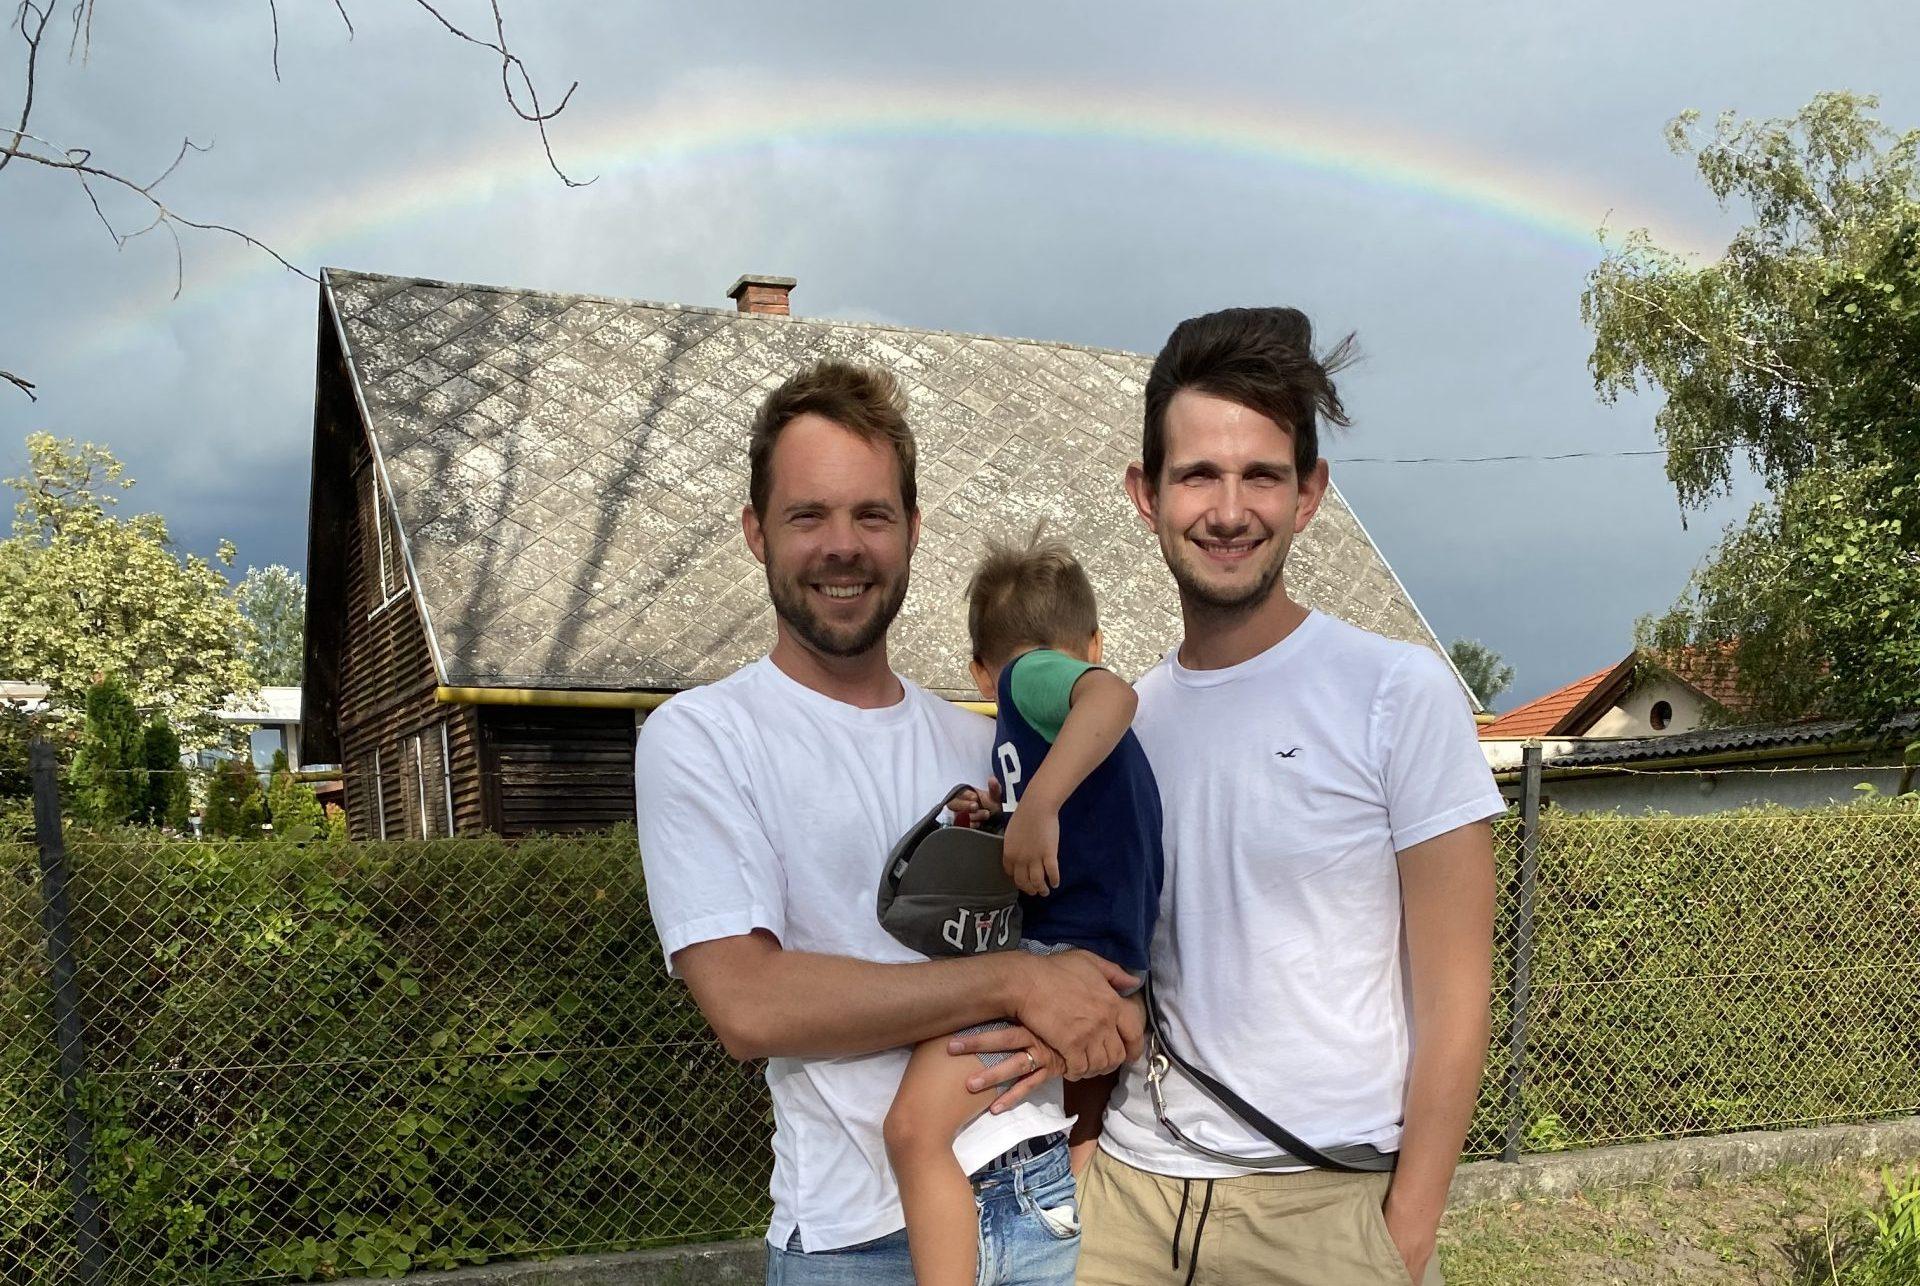 Apa és apu – így is lehet teljes a család